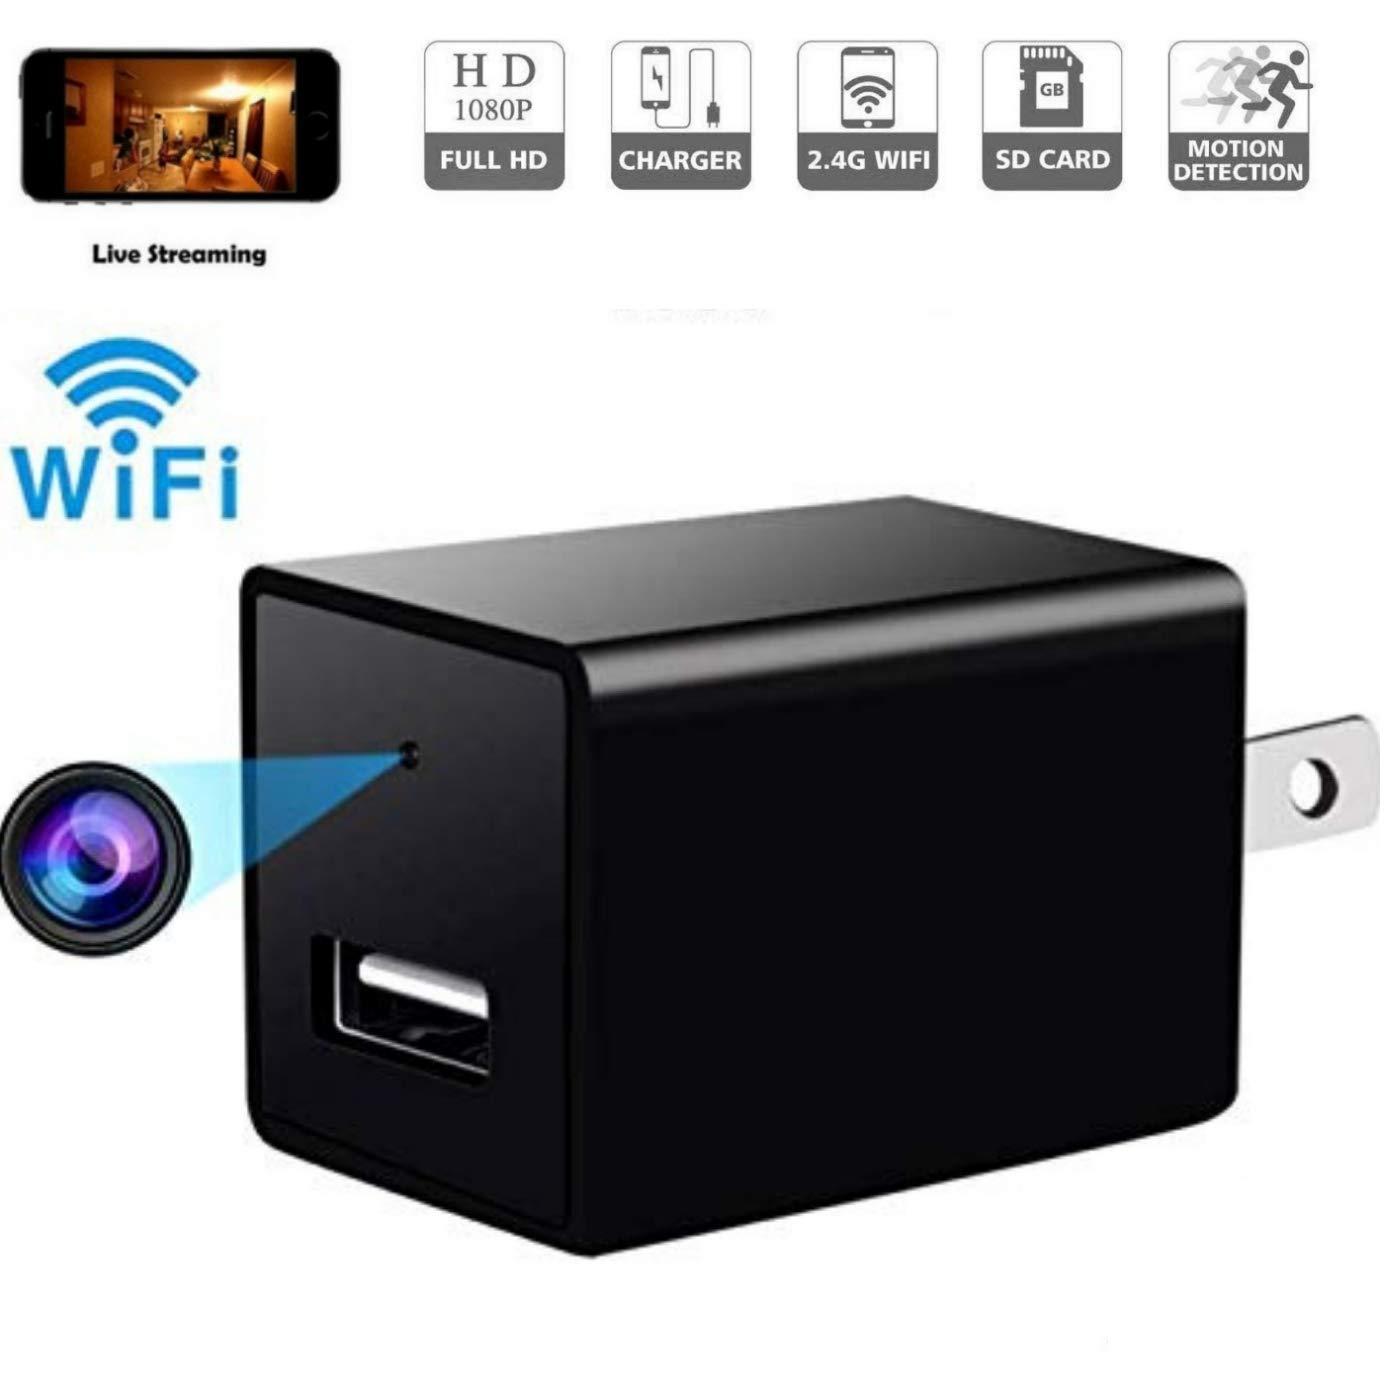 Amazon.com: Cámara espía oculta 1080p HD inalámbrica Cam ...